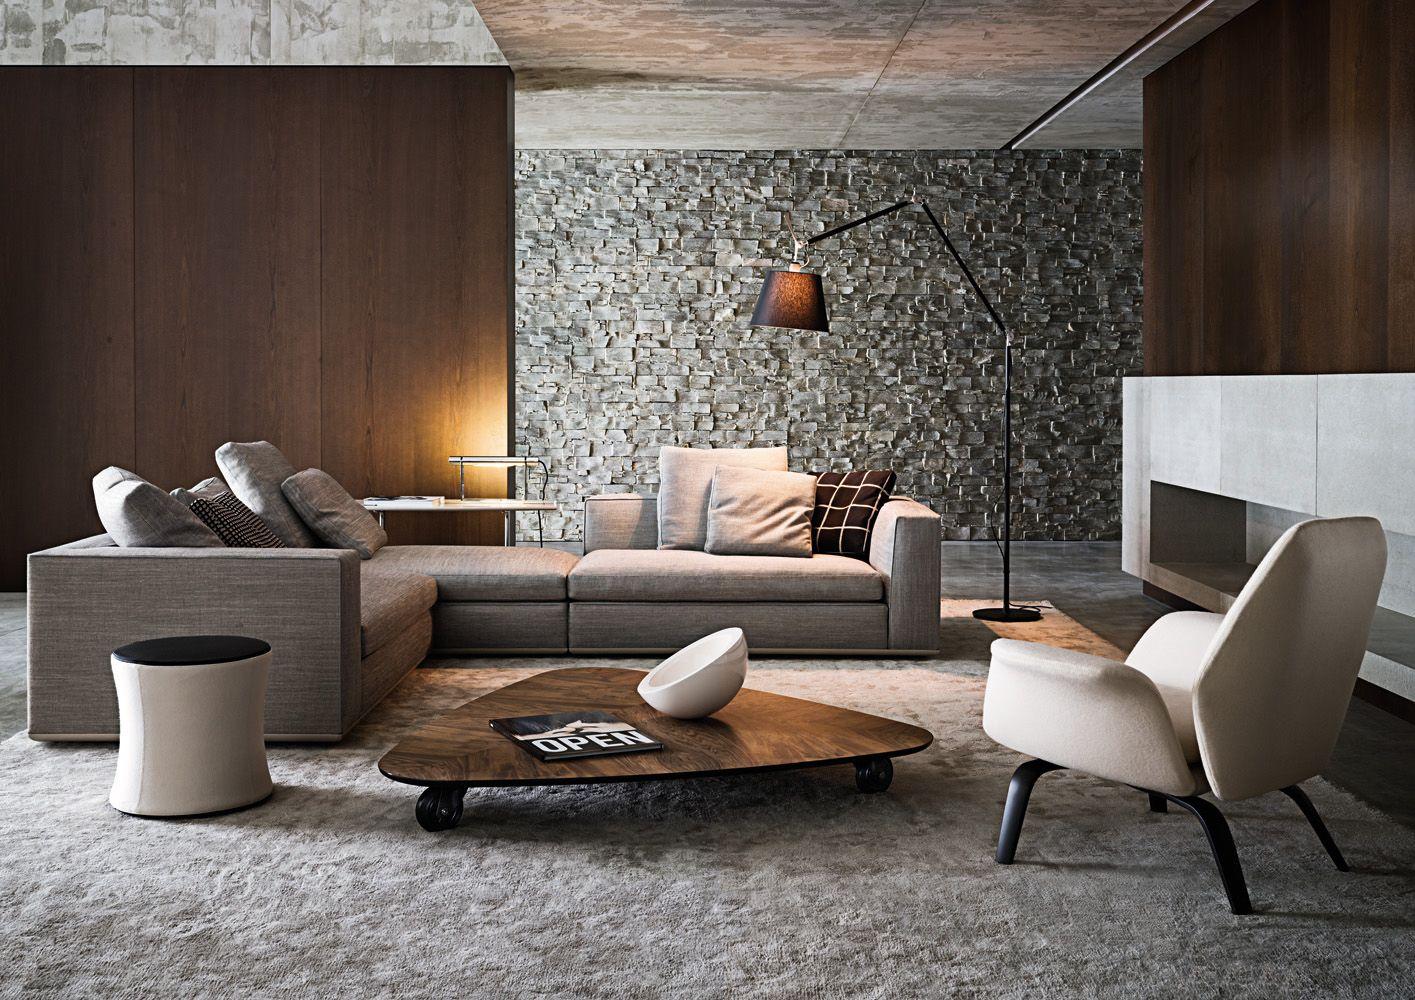 Polstermöbel für Wohnzimmer bei @egetemeierwohnk | Sofa | Pinterest ...